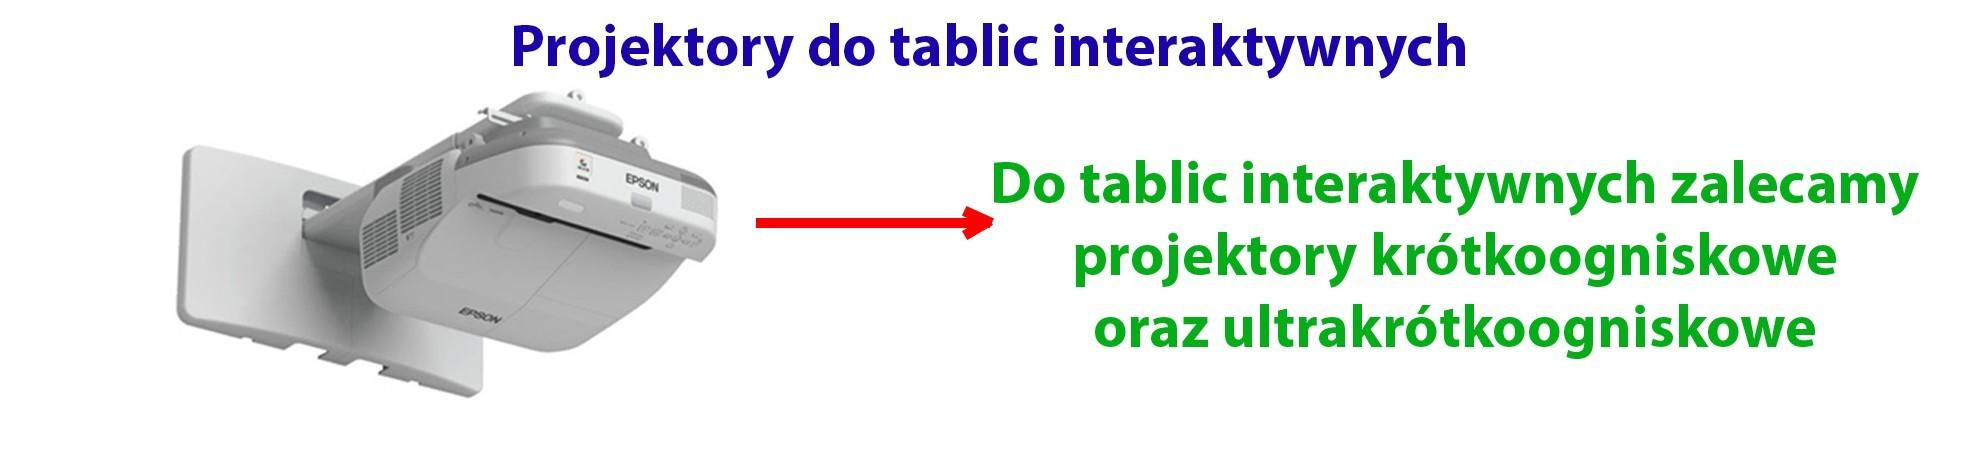 Do tablic interaktywnych